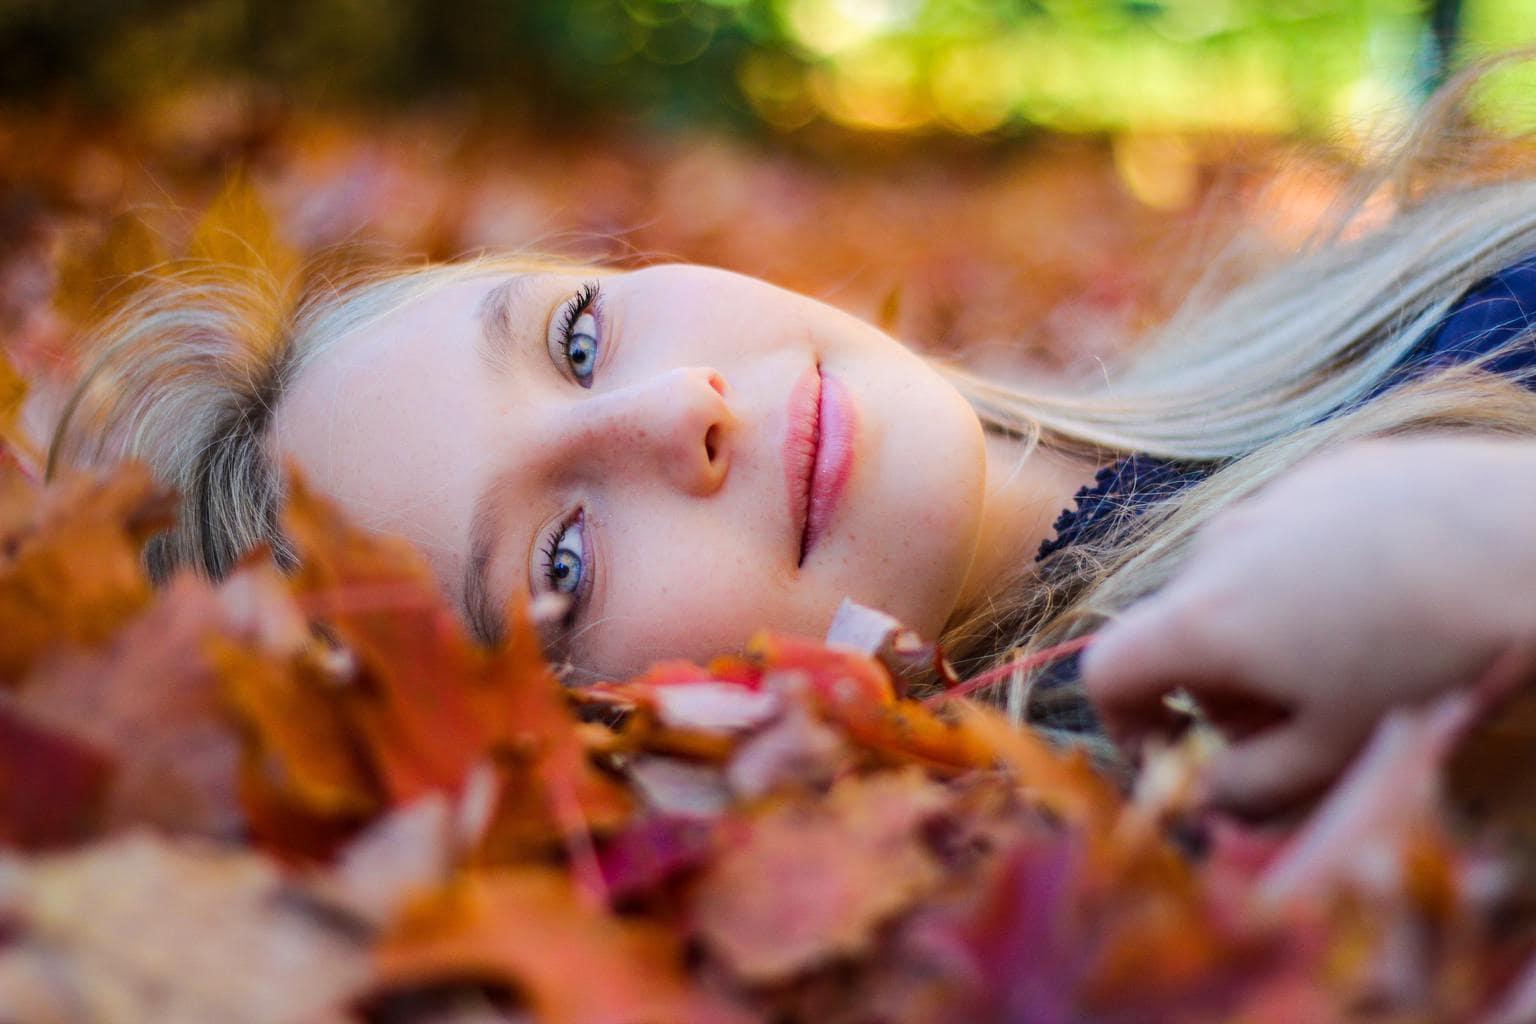 Retrato de chica acostada utilizando el desenfoque como elemento de composición fotográfica